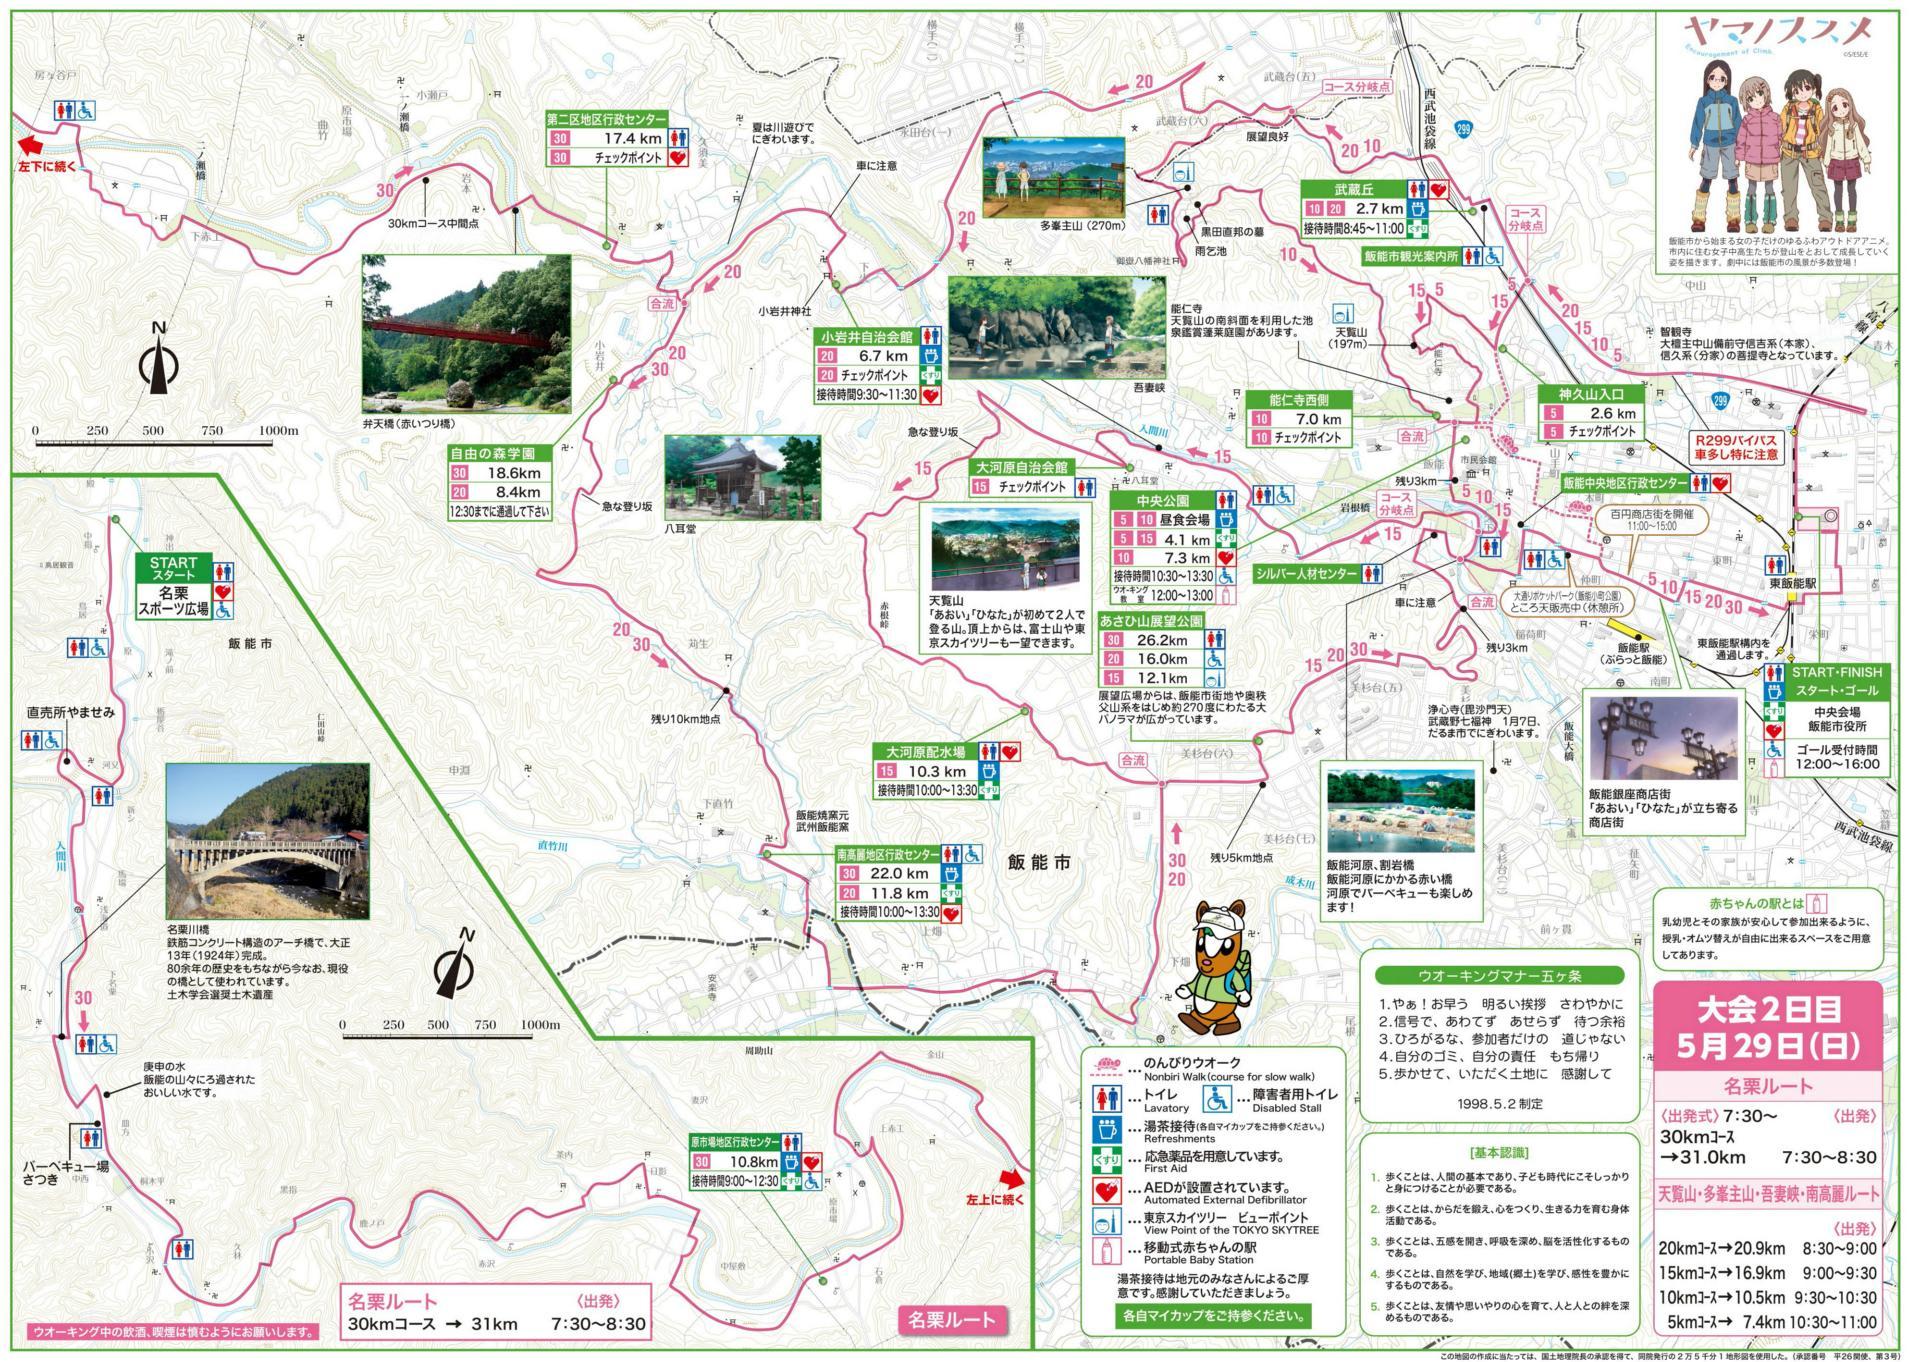 第14回飯能新緑ツーデーマーチ2日目15km天覧山・吾妻峡ルート(埼玉県飯能市) - よっちゃんのおててつないで